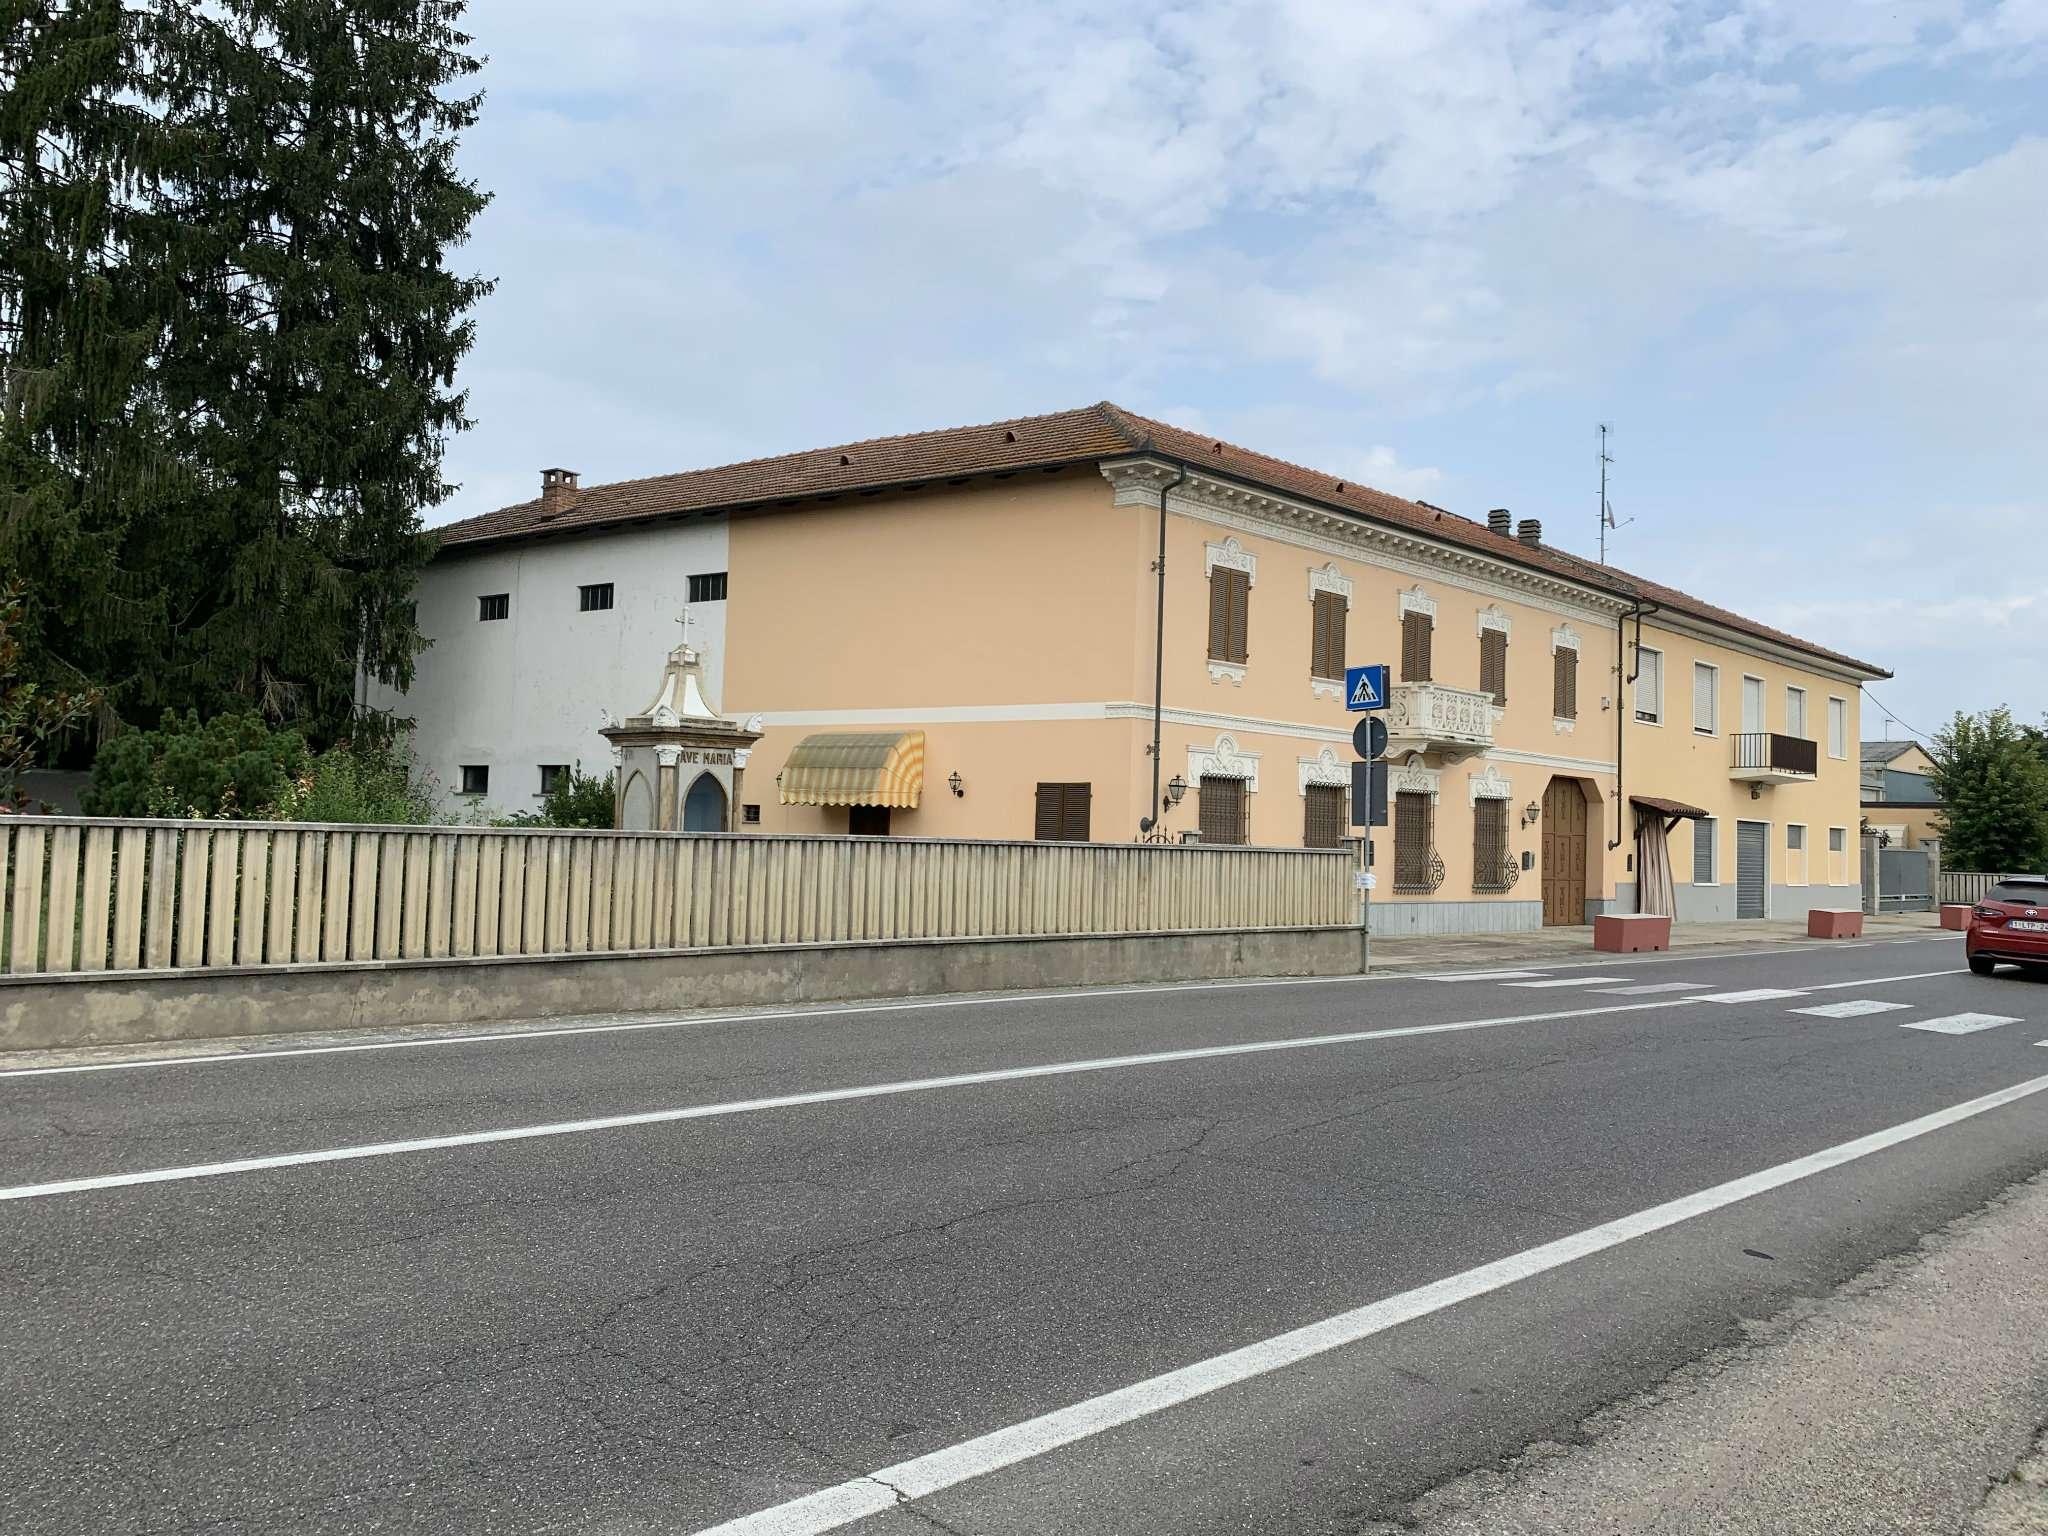 Capannone in vendita a Montechiaro d'Asti, 9999 locali, prezzo € 1.714.800 | PortaleAgenzieImmobiliari.it